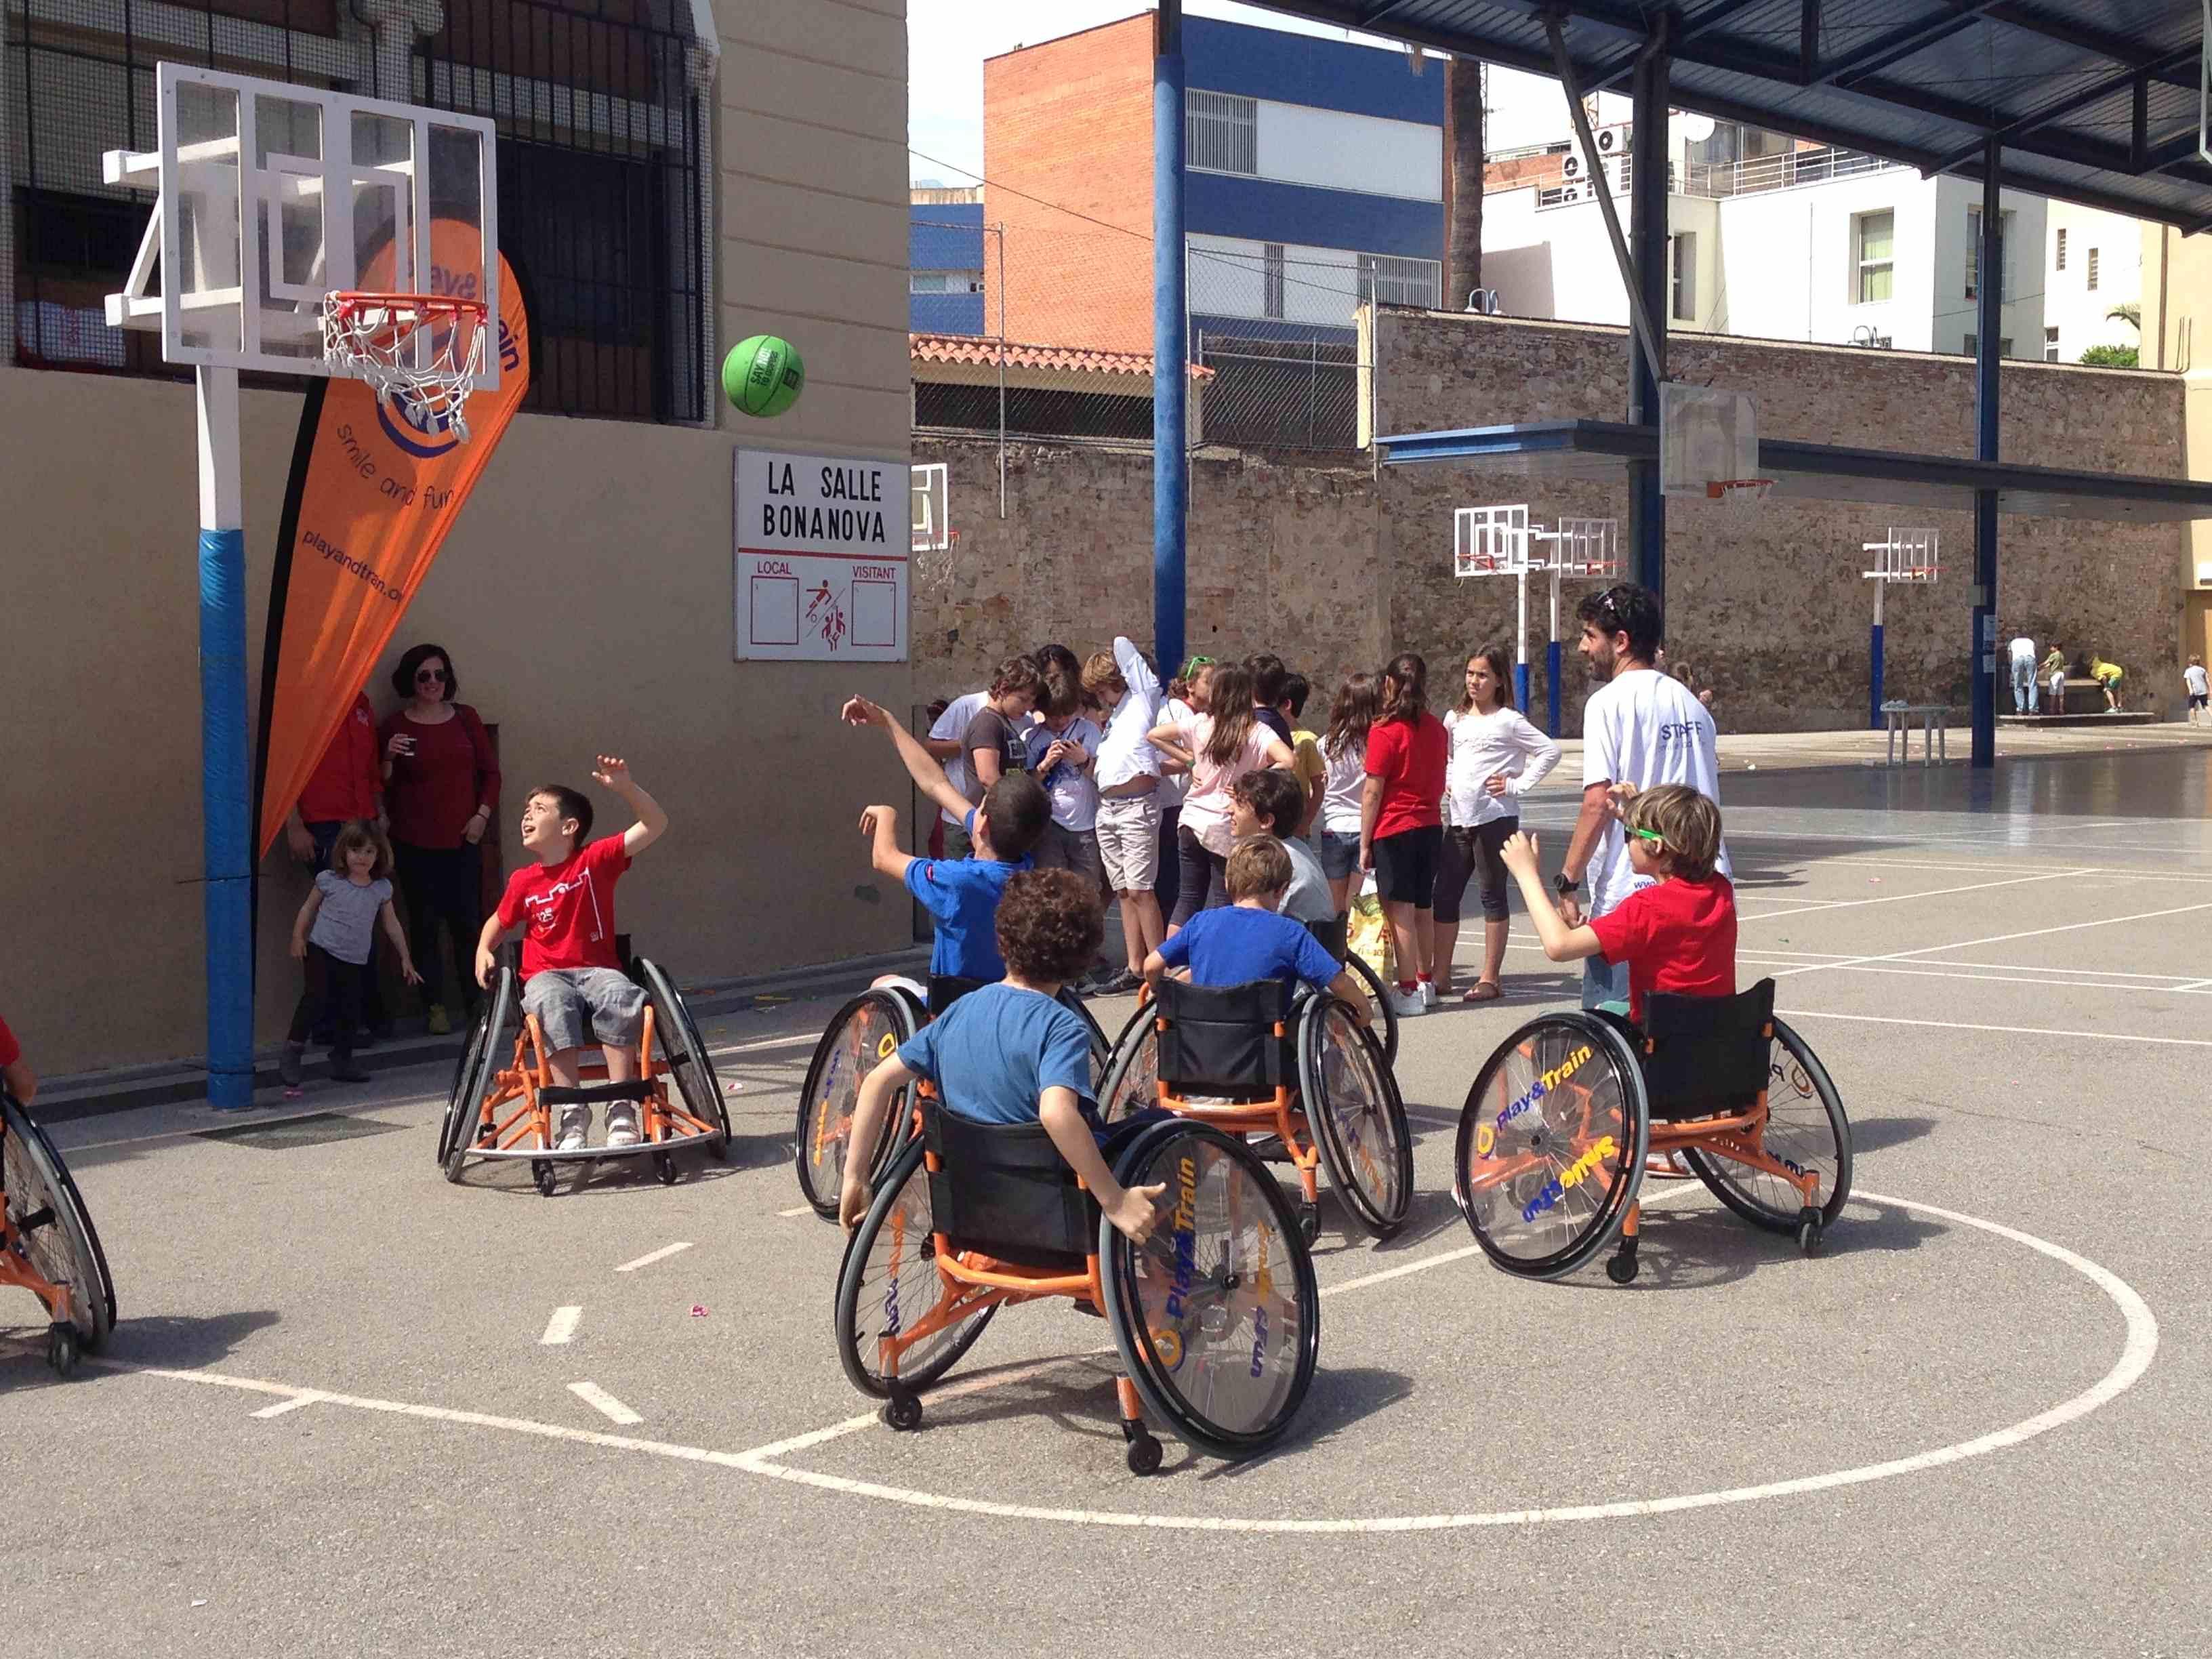 basquet en silla 5